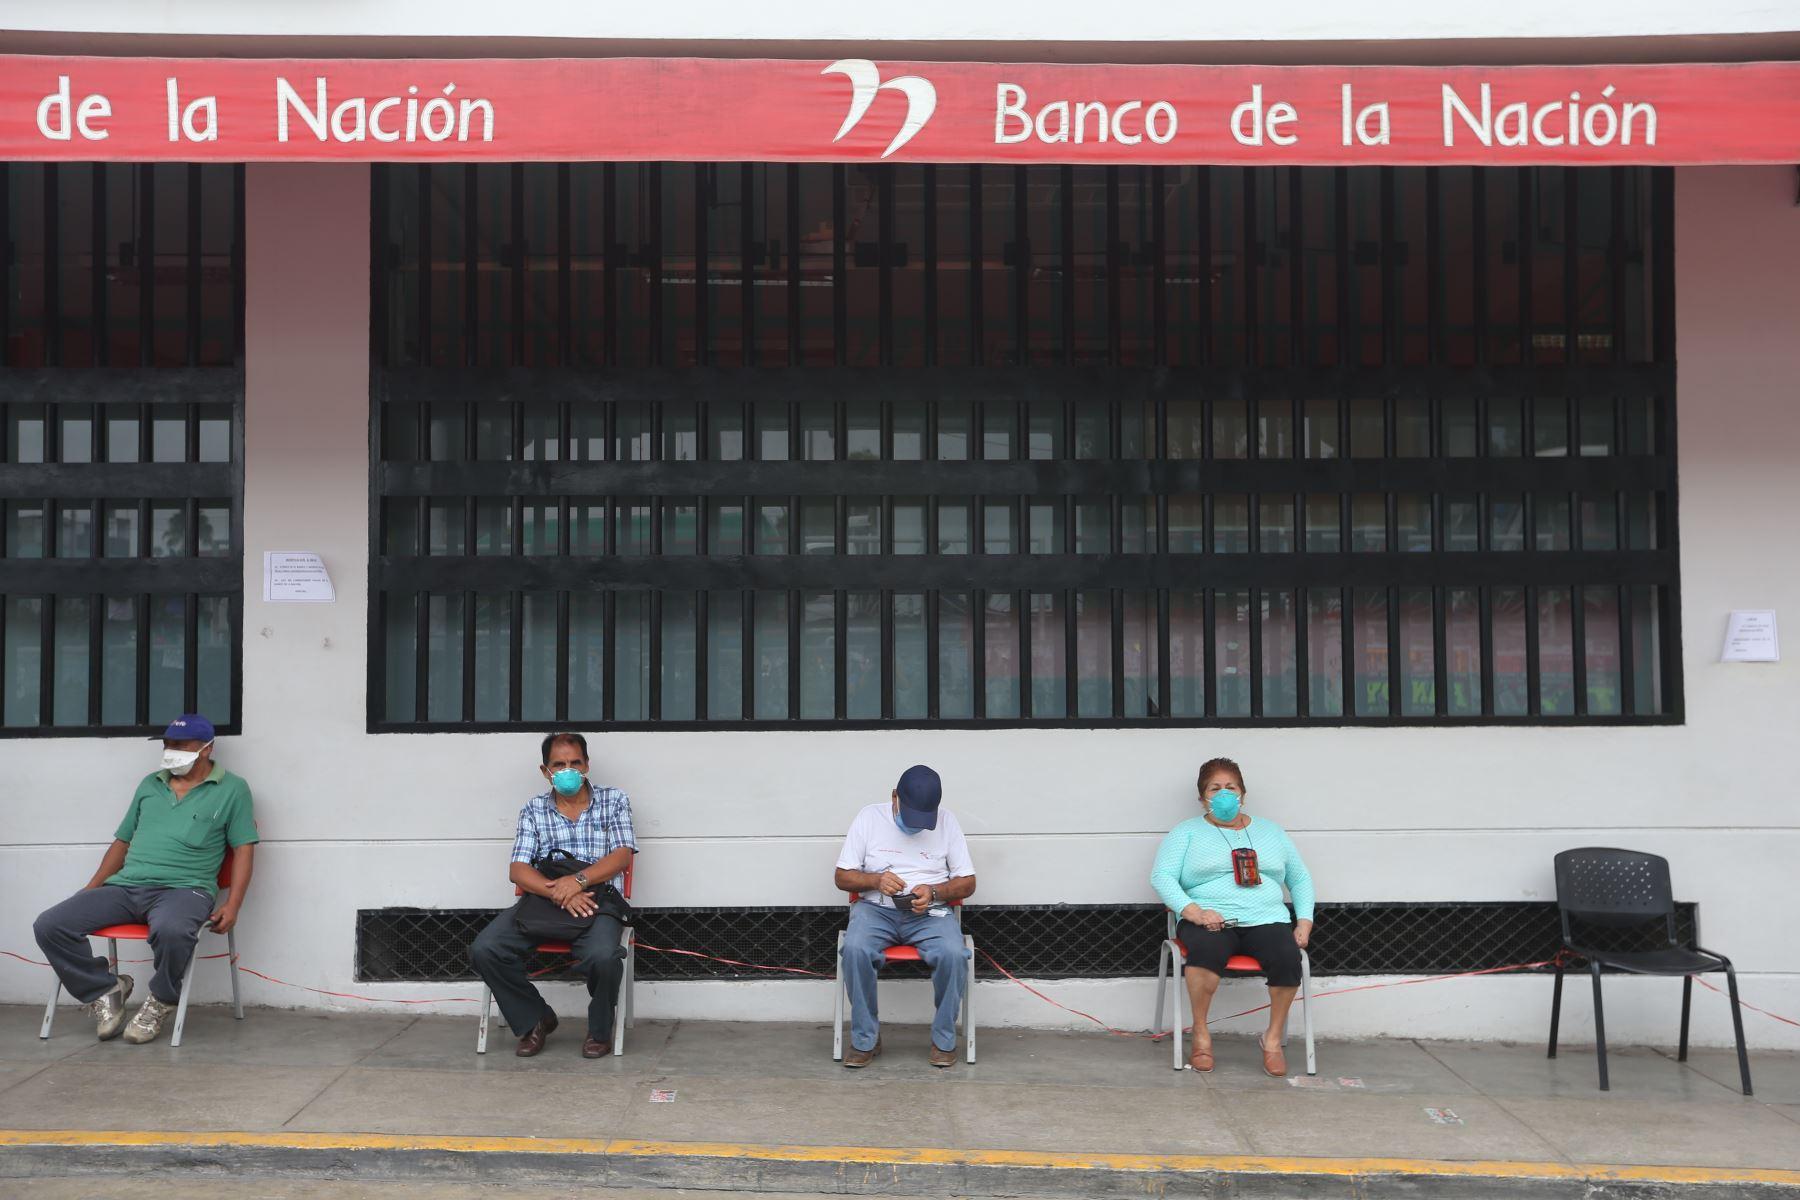 ANDINA/Jhonel Rodríguez Robles